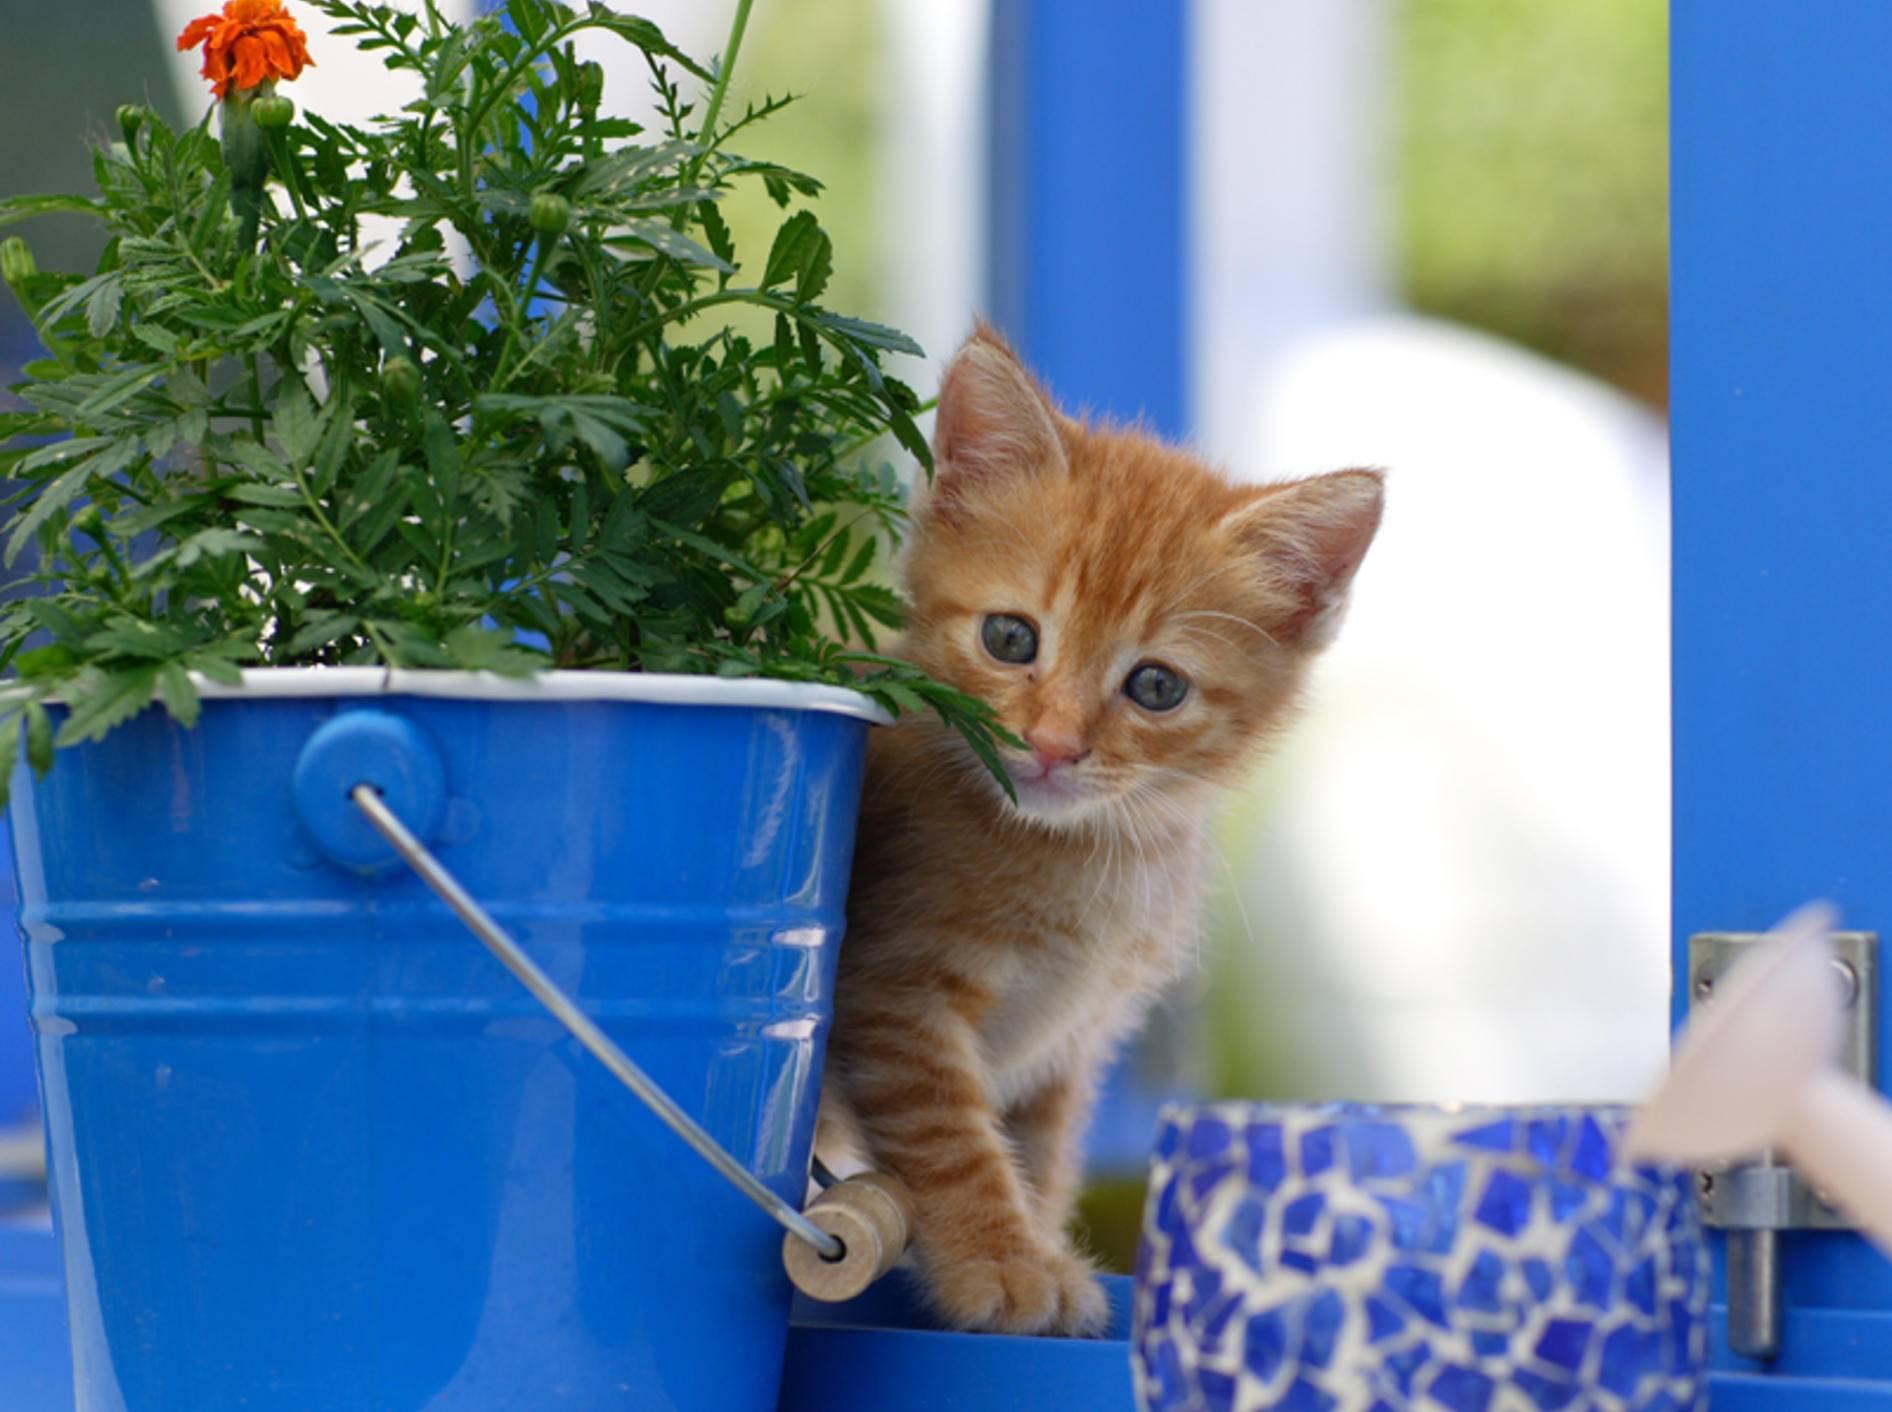 Netter Versuch, kleine Miez, aber deine tolle rote Fellfarbe verrät dich leider – Bild: Shutterstock / kevinChen